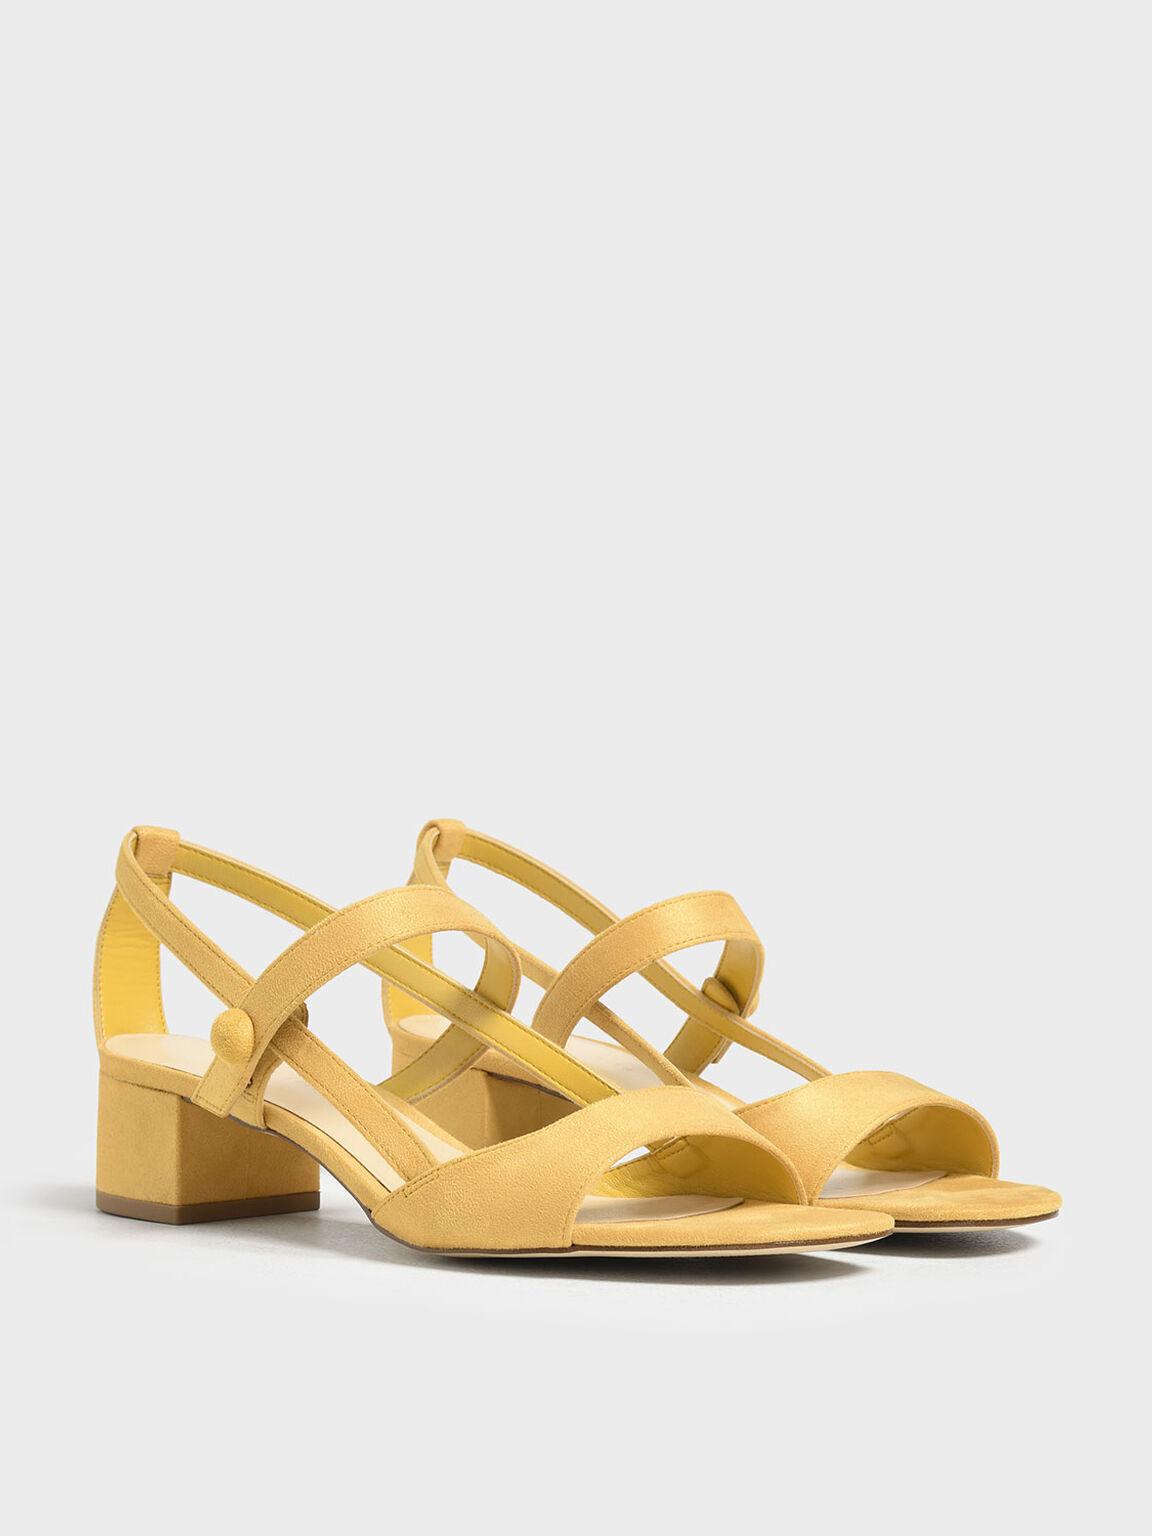 Open Toe Block Heel Sandals, Yellow, hi-res